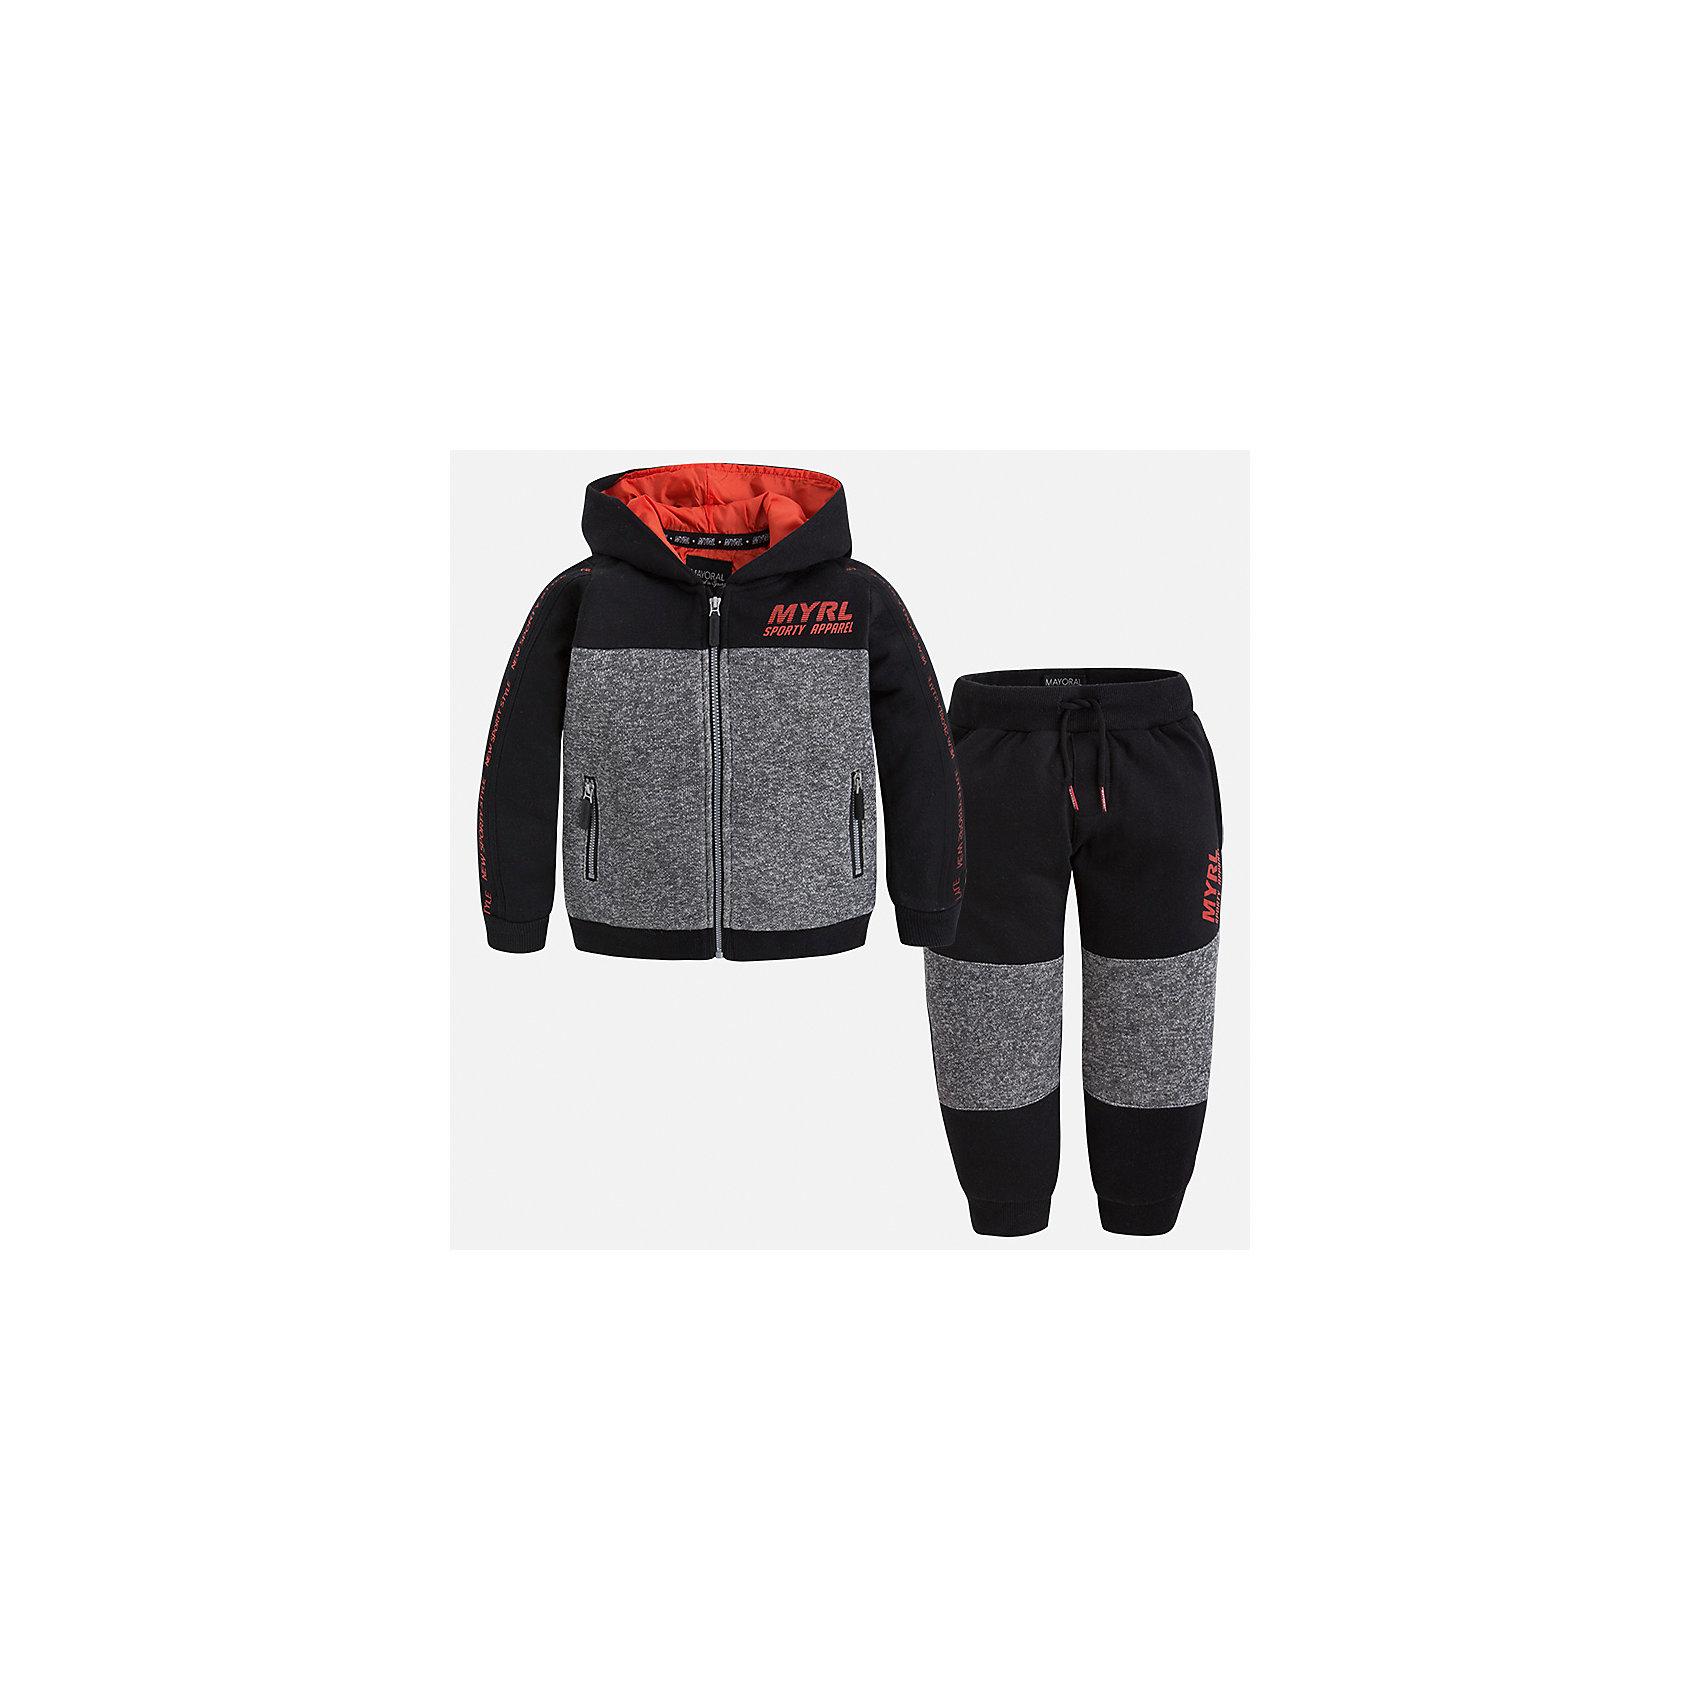 Спортивный костюм для мальчика MayoralКомплекты<br>Характеристики товара:<br><br>• цвет: черный<br>• состав ткани: 60% хлопок, 40% полиэстер<br>• комплектация: куртка, брюки<br>• сезон: демисезон<br>• особенности модели: спортивный стиль<br>• застежка: молния<br>• длинные рукава<br>• пояс брюк: резинка, шнурок<br>• страна бренда: Испания<br>• страна изготовитель: Индия<br><br>Стильный детский комплект из спортивной курточки и брюк подойдет для занятий спортом. Отличный способ обеспечить ребенку тепло и комфорт - надеть детский спортивный костюм от Mayoral. Детский спортивный костюм сшит из приятного на ощупь материала. Спортивный костюм для мальчика Mayoral удобно сидит по фигуре.<br><br>Спортивный костюм для мальчика Mayoral (Майорал) можно купить в нашем интернет-магазине.<br><br>Ширина мм: 247<br>Глубина мм: 16<br>Высота мм: 140<br>Вес г: 225<br>Цвет: черный<br>Возраст от месяцев: 18<br>Возраст до месяцев: 24<br>Пол: Мужской<br>Возраст: Детский<br>Размер: 92,134,128,122,116,110,104,98<br>SKU: 6933133